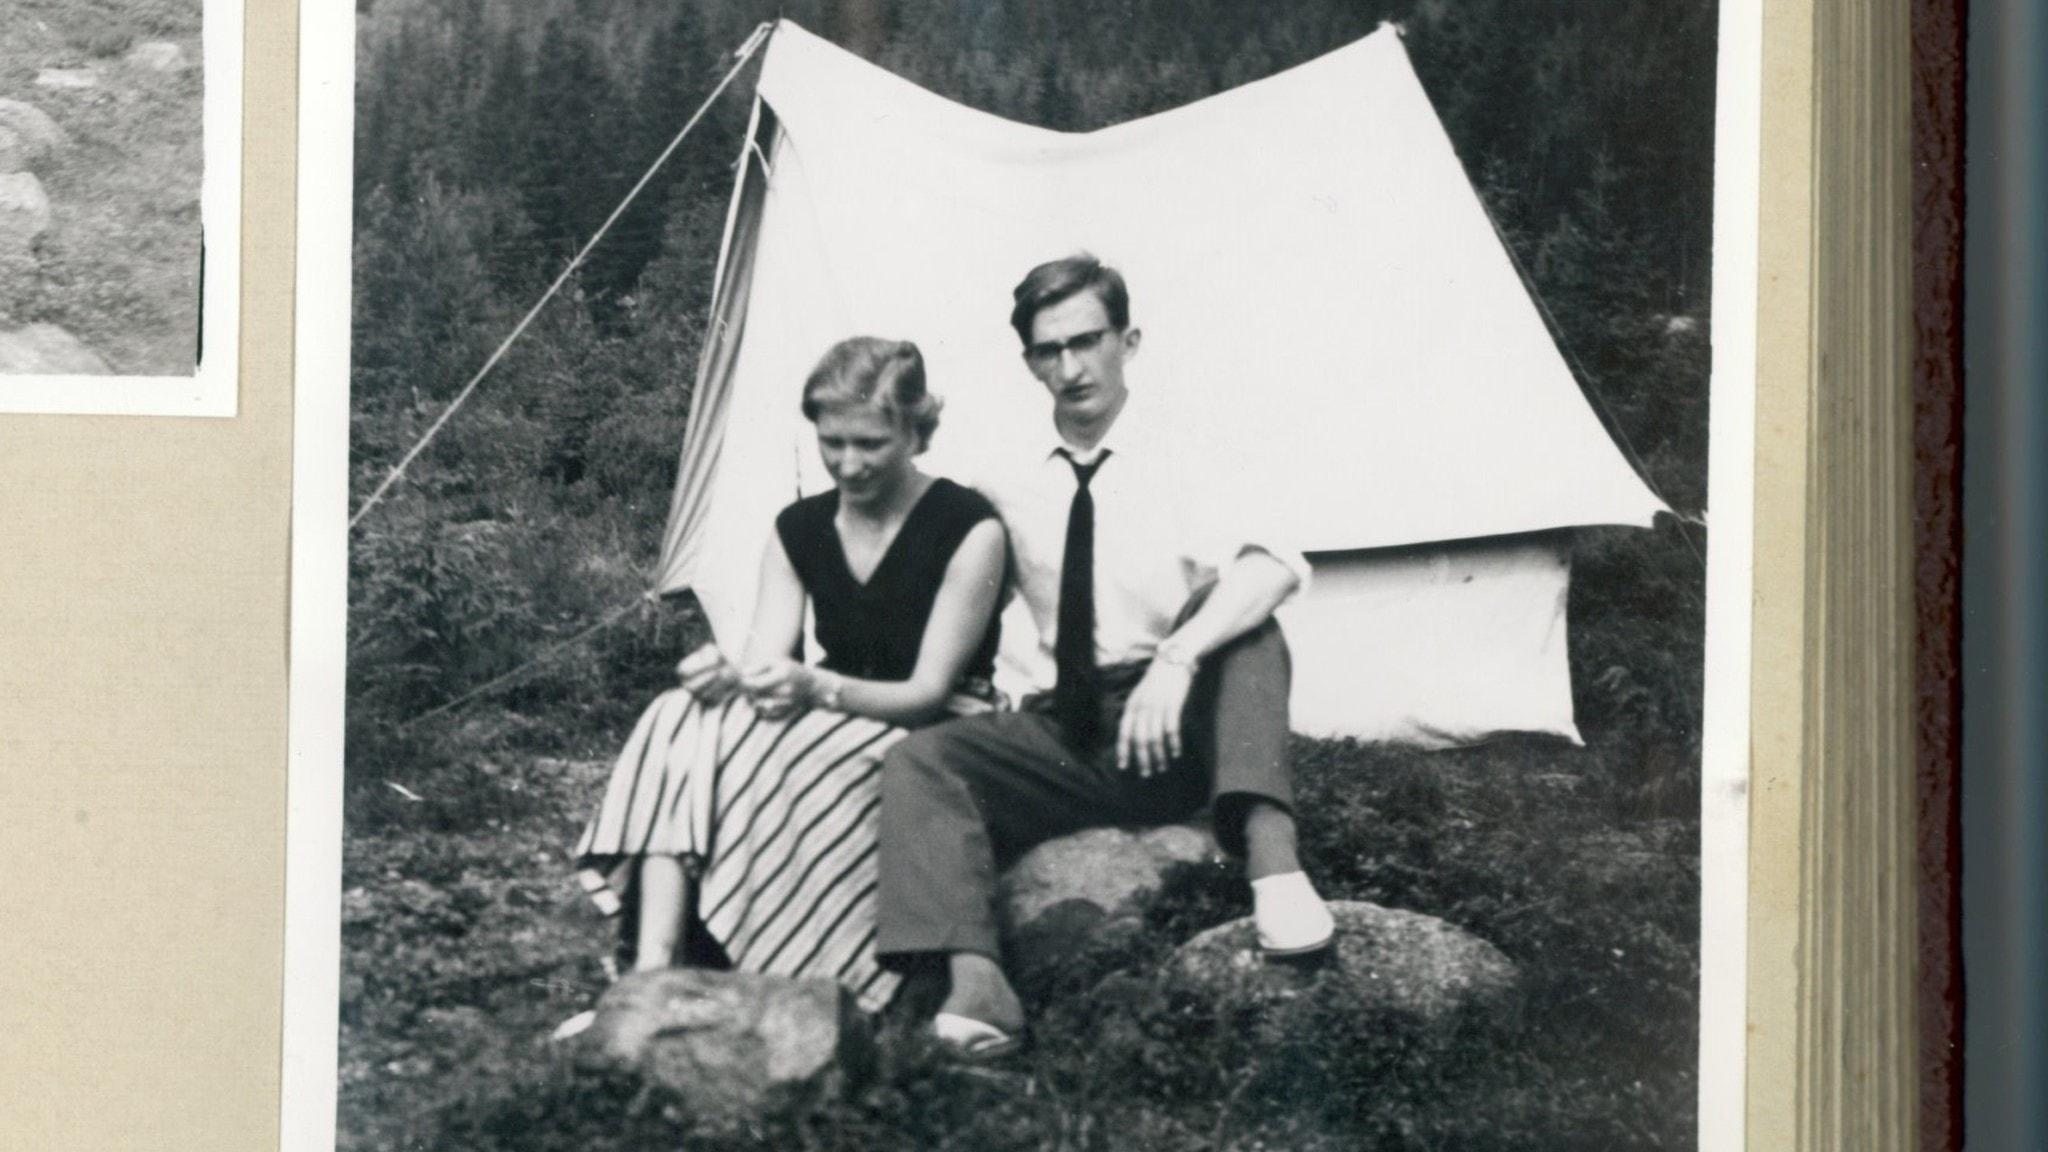 Ove och Ingmarie von Ahn sitter framför sitt tält. Svartvitt från 50-talet.